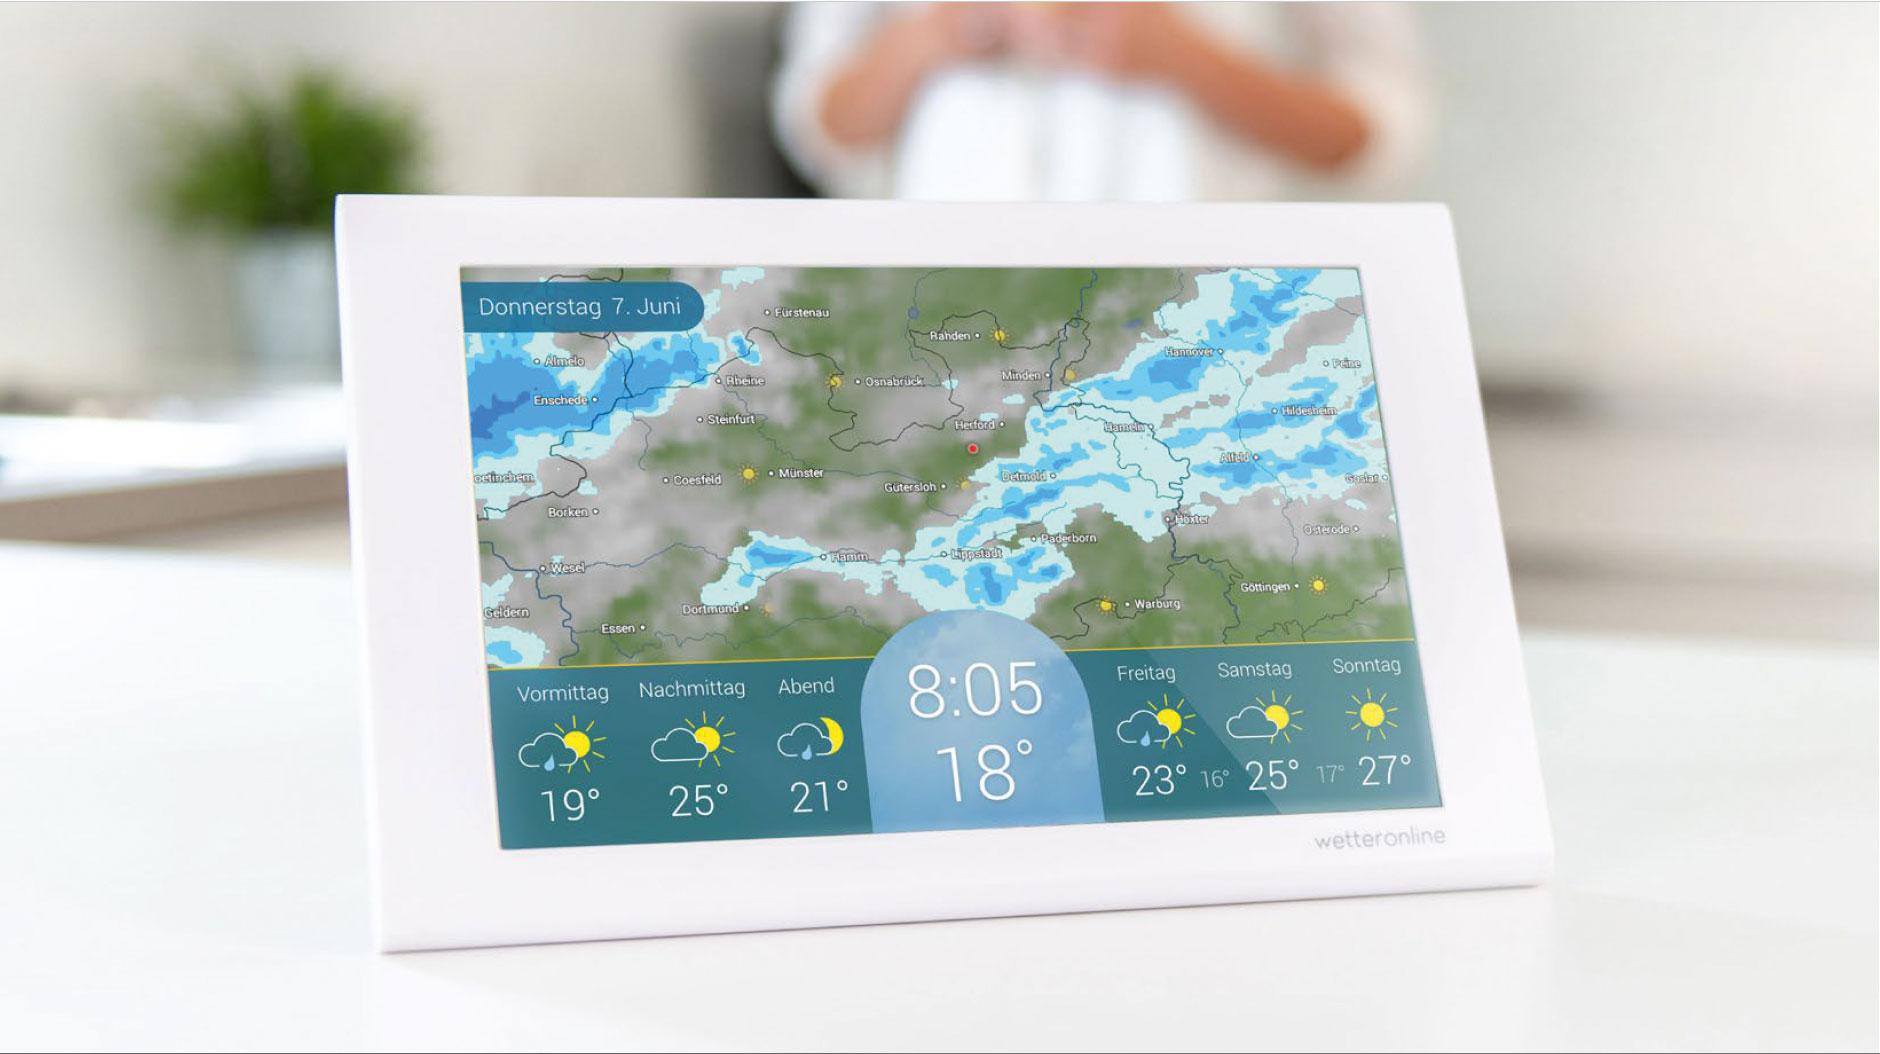 Abbildung der Wetterstation © WetterOnline